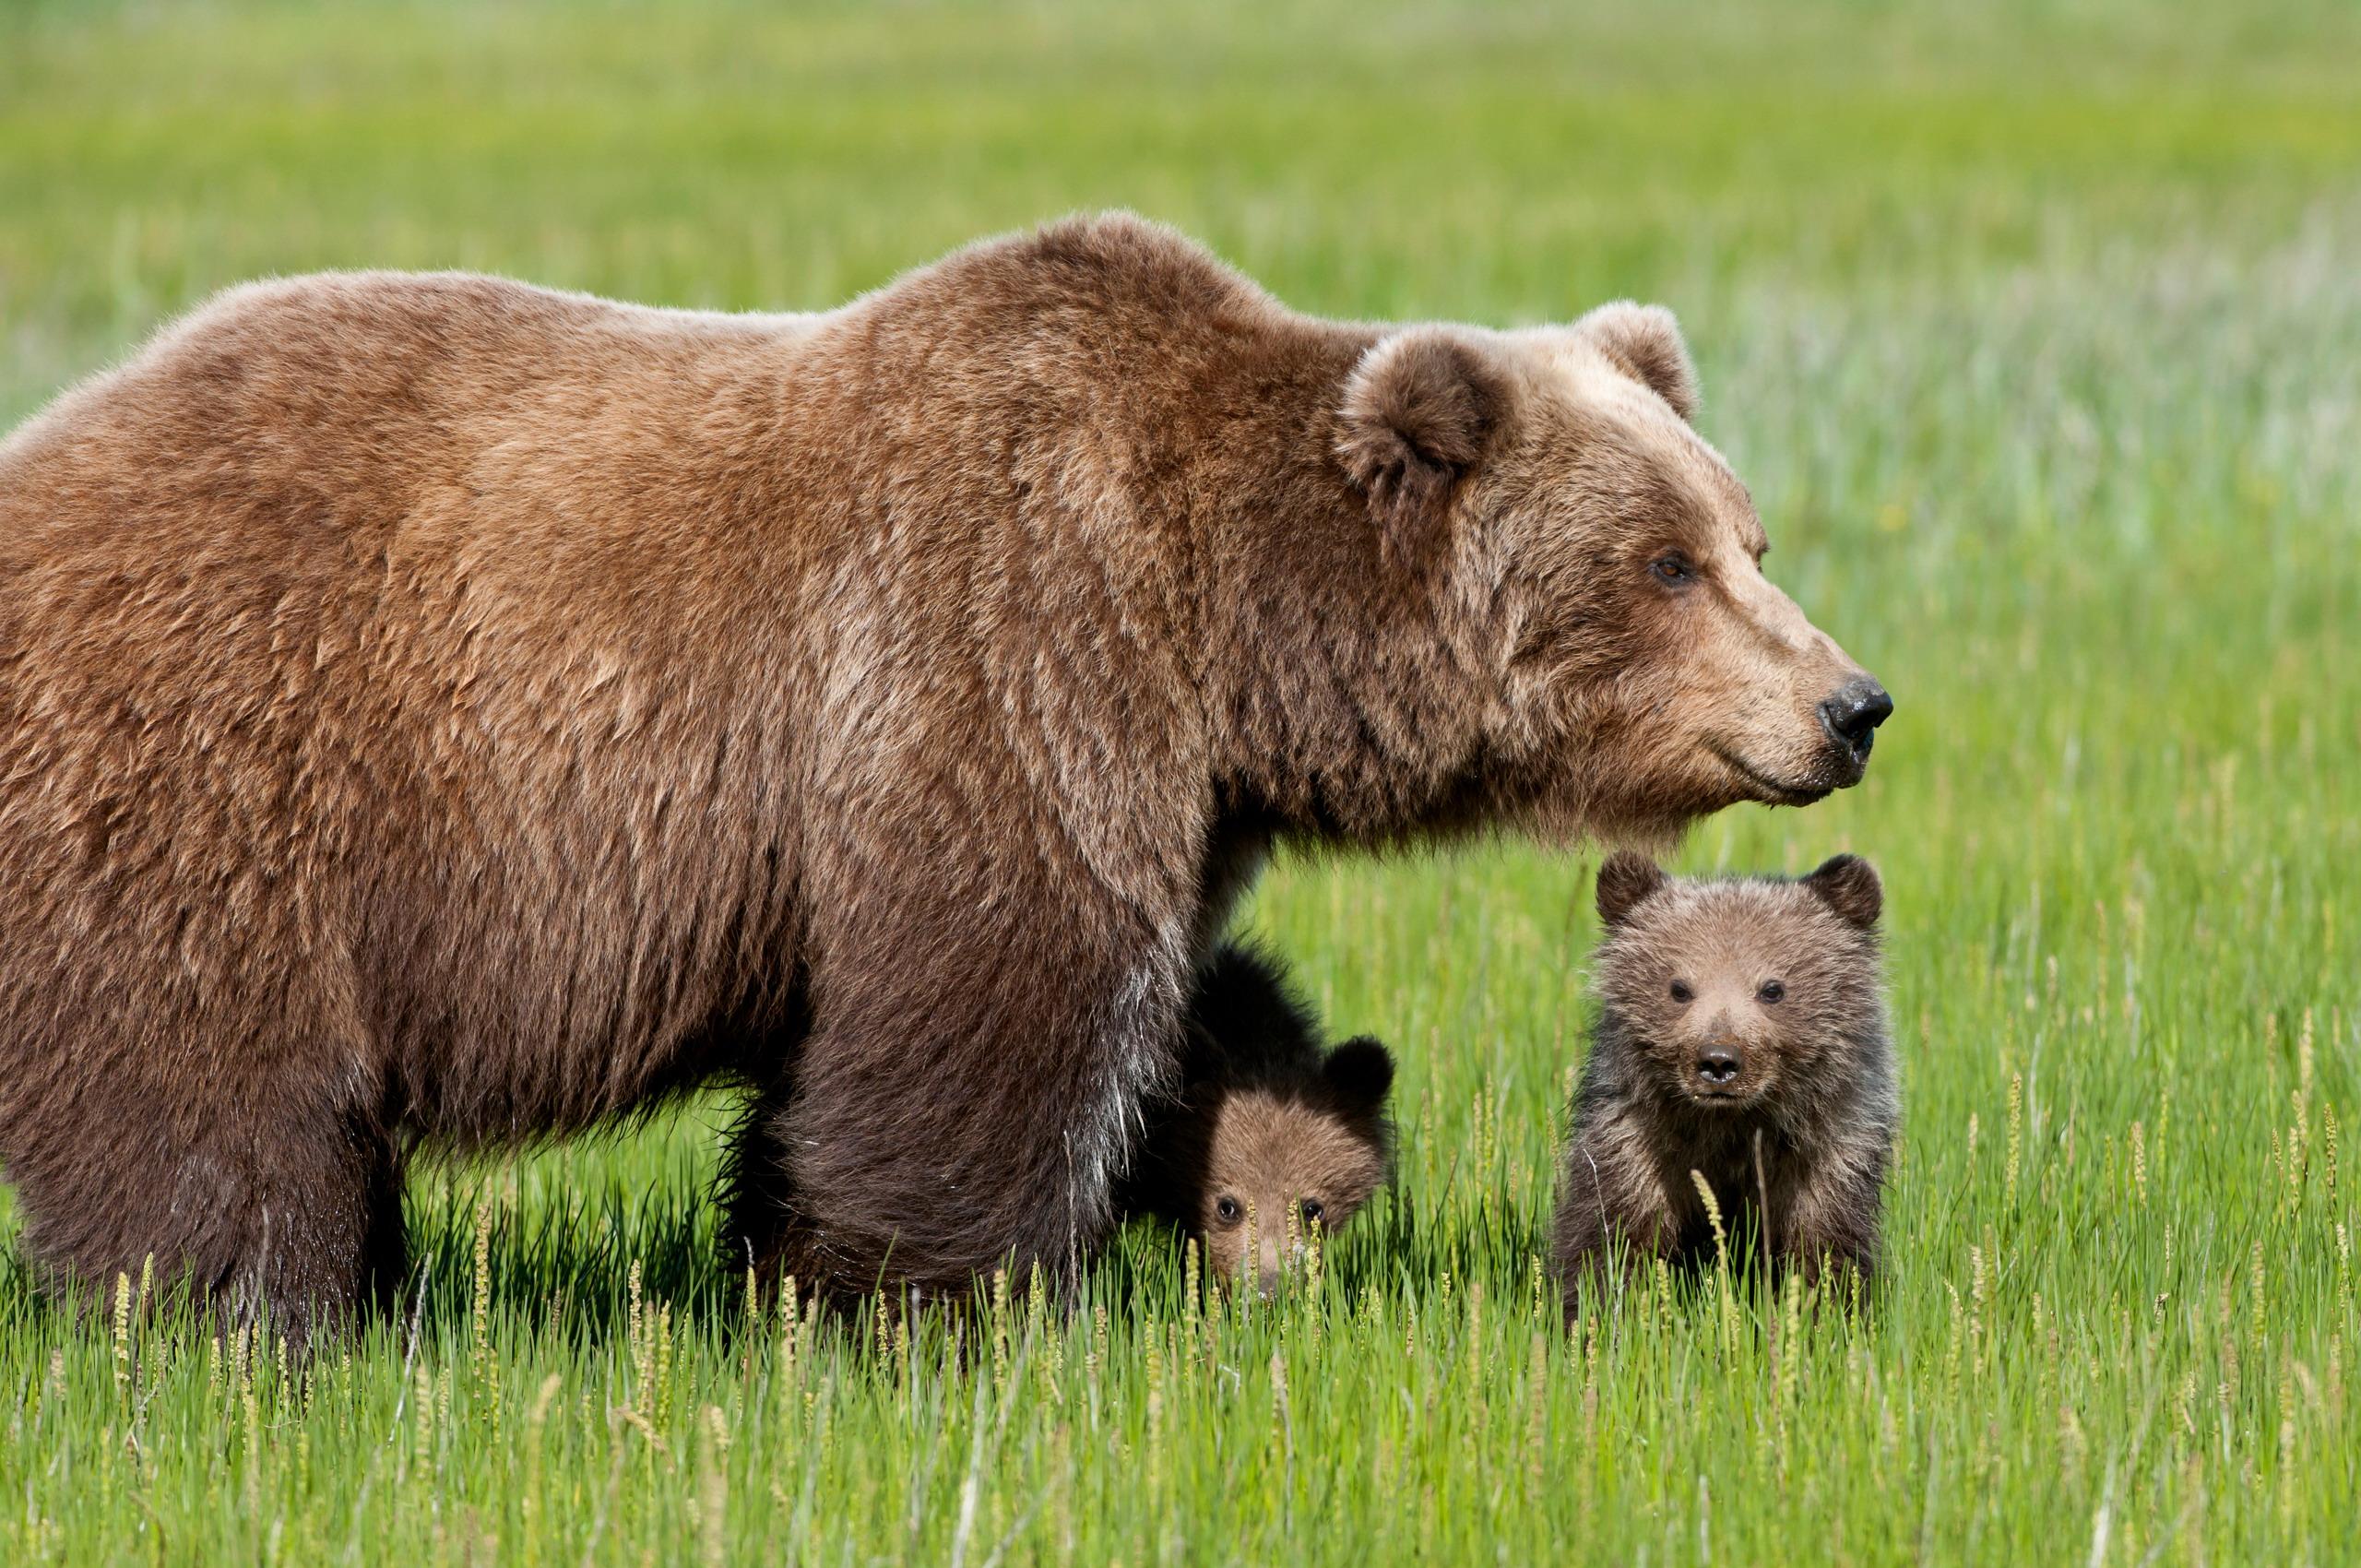 Image D Ours Brun fonds d'ecran 2560x1700 ours ours brun animaux télécharger photo